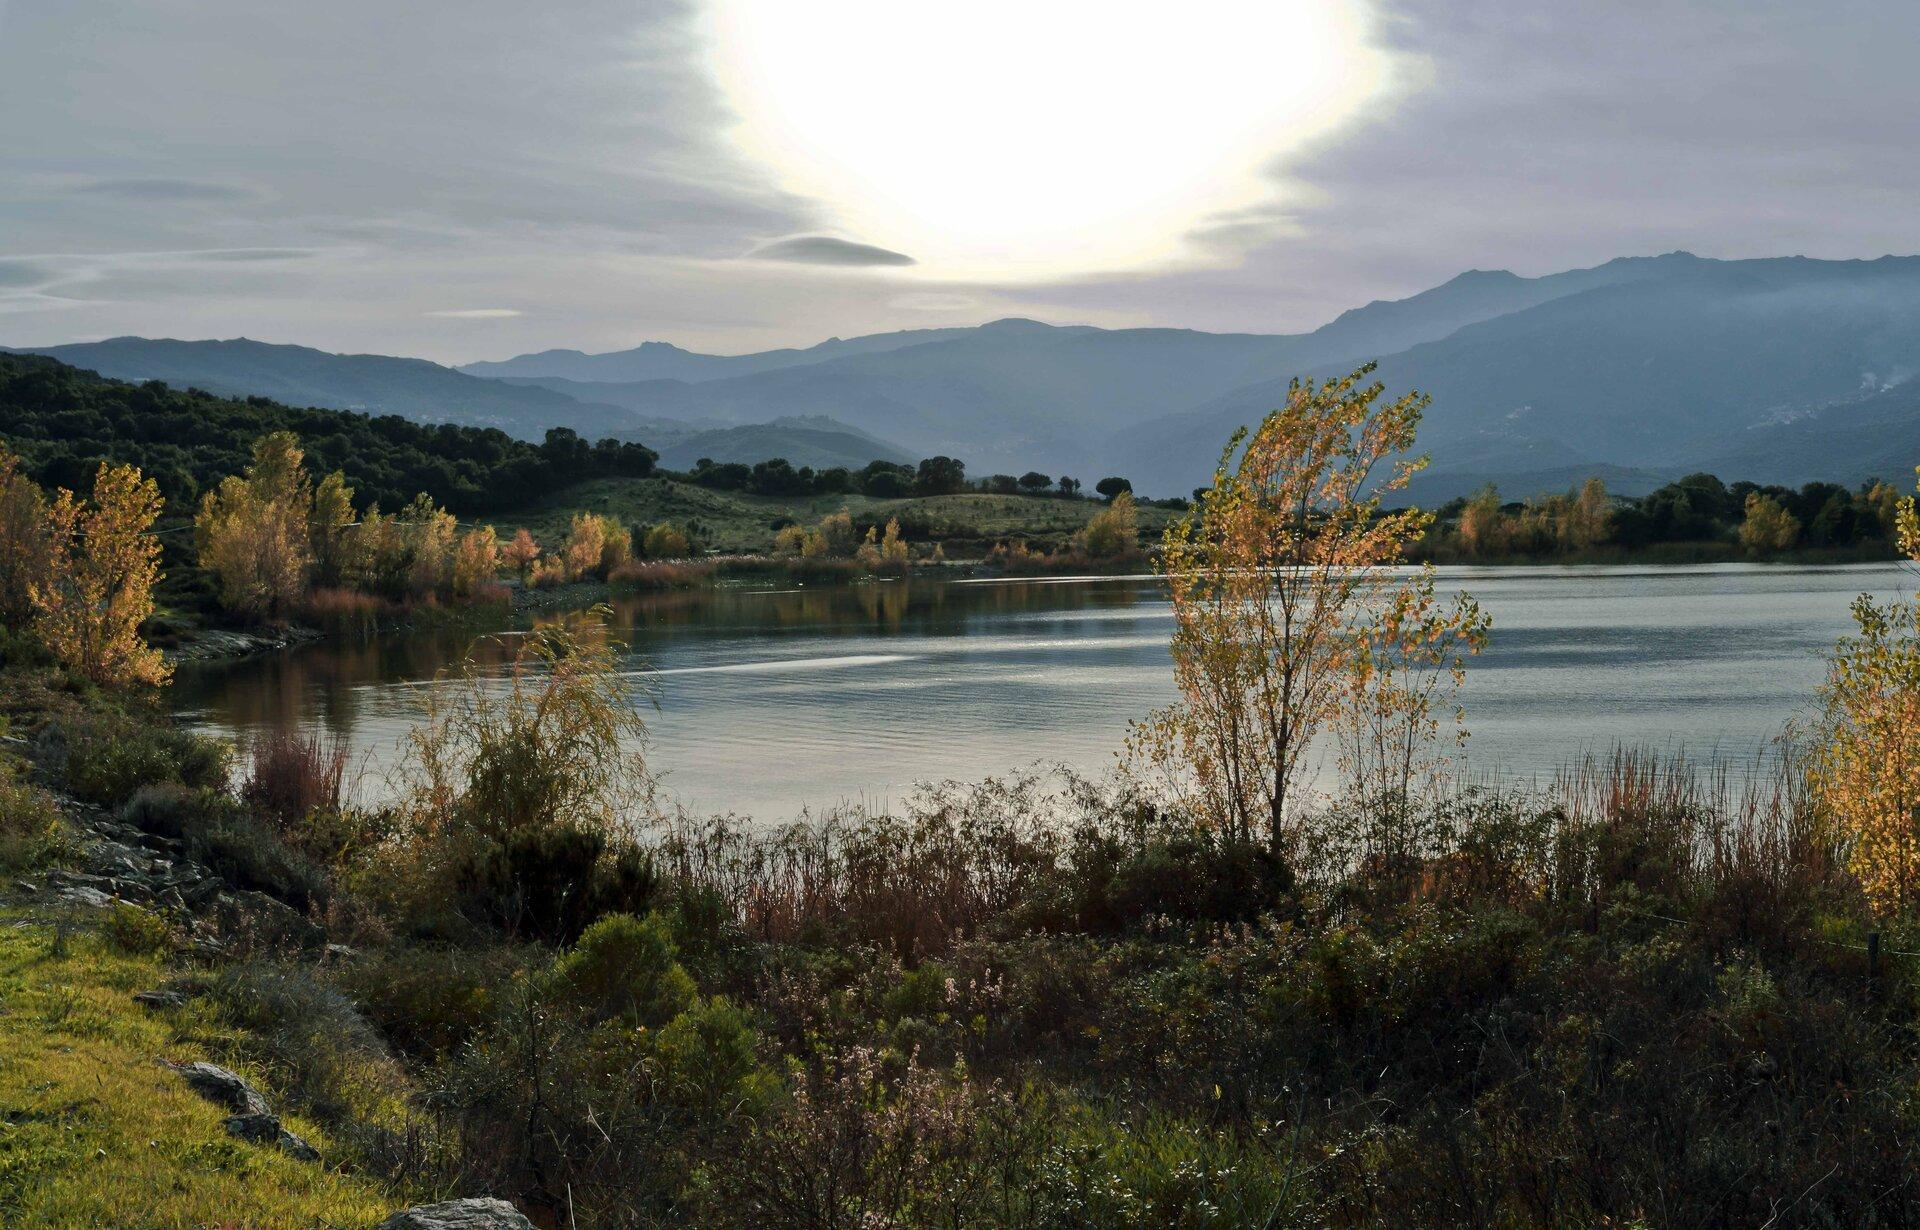 Fotografia prezentuje jezioro wokół, którego rosną różne rośliny zielne oraz drzewa. Wtle widoczne łańcuchy górskie.